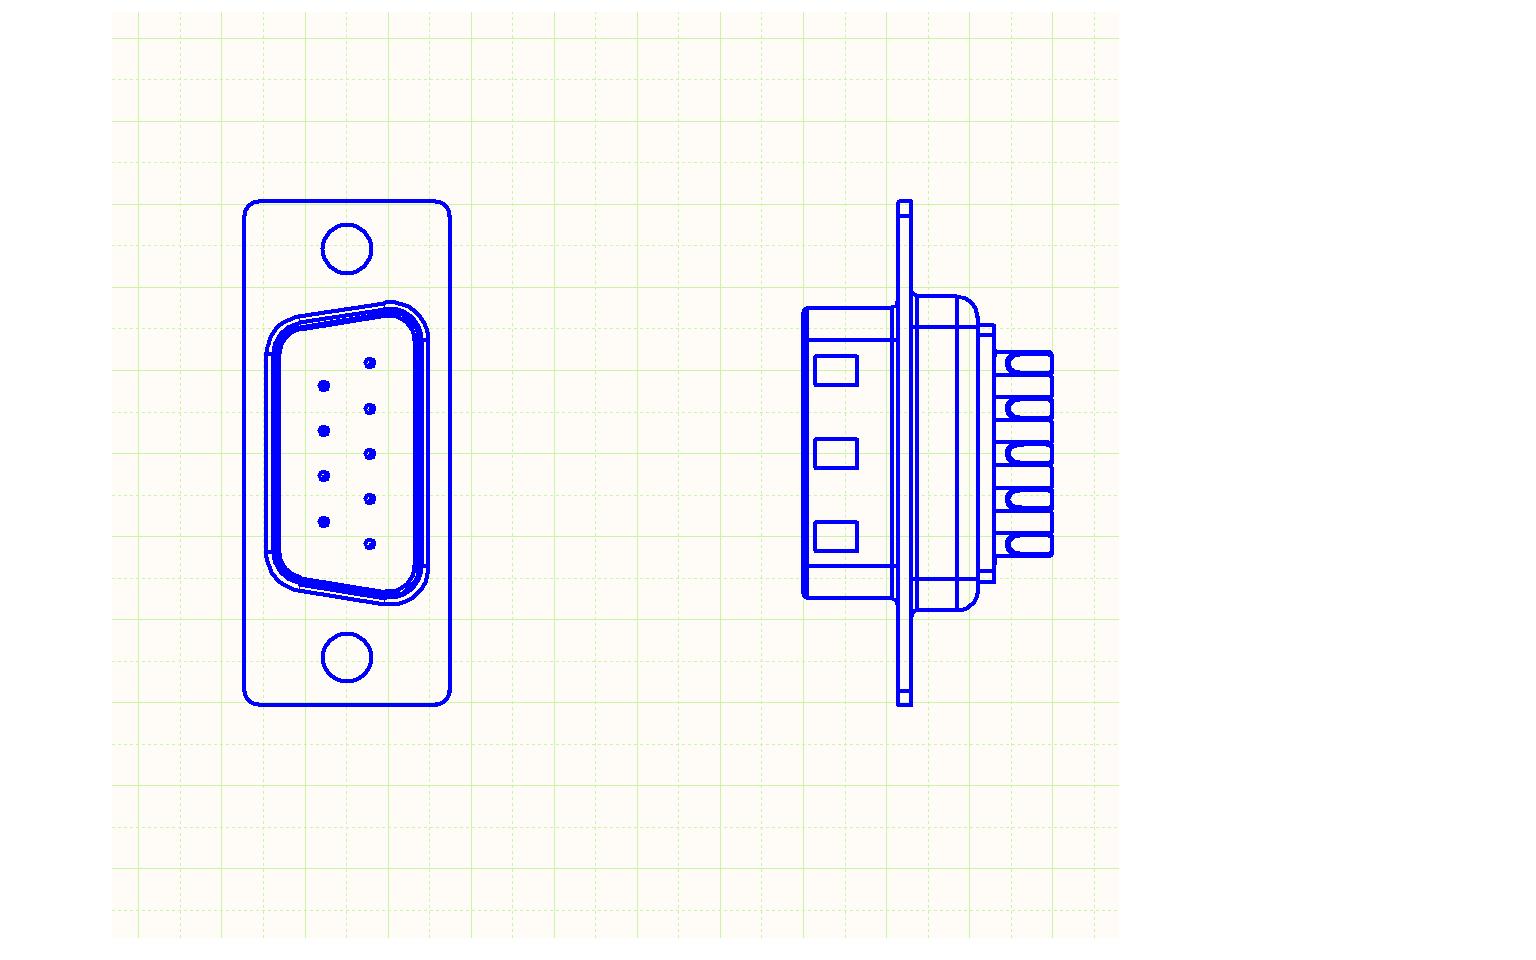 Figure 1. Dessin de la tête de connecteur à l'échelle 1:1